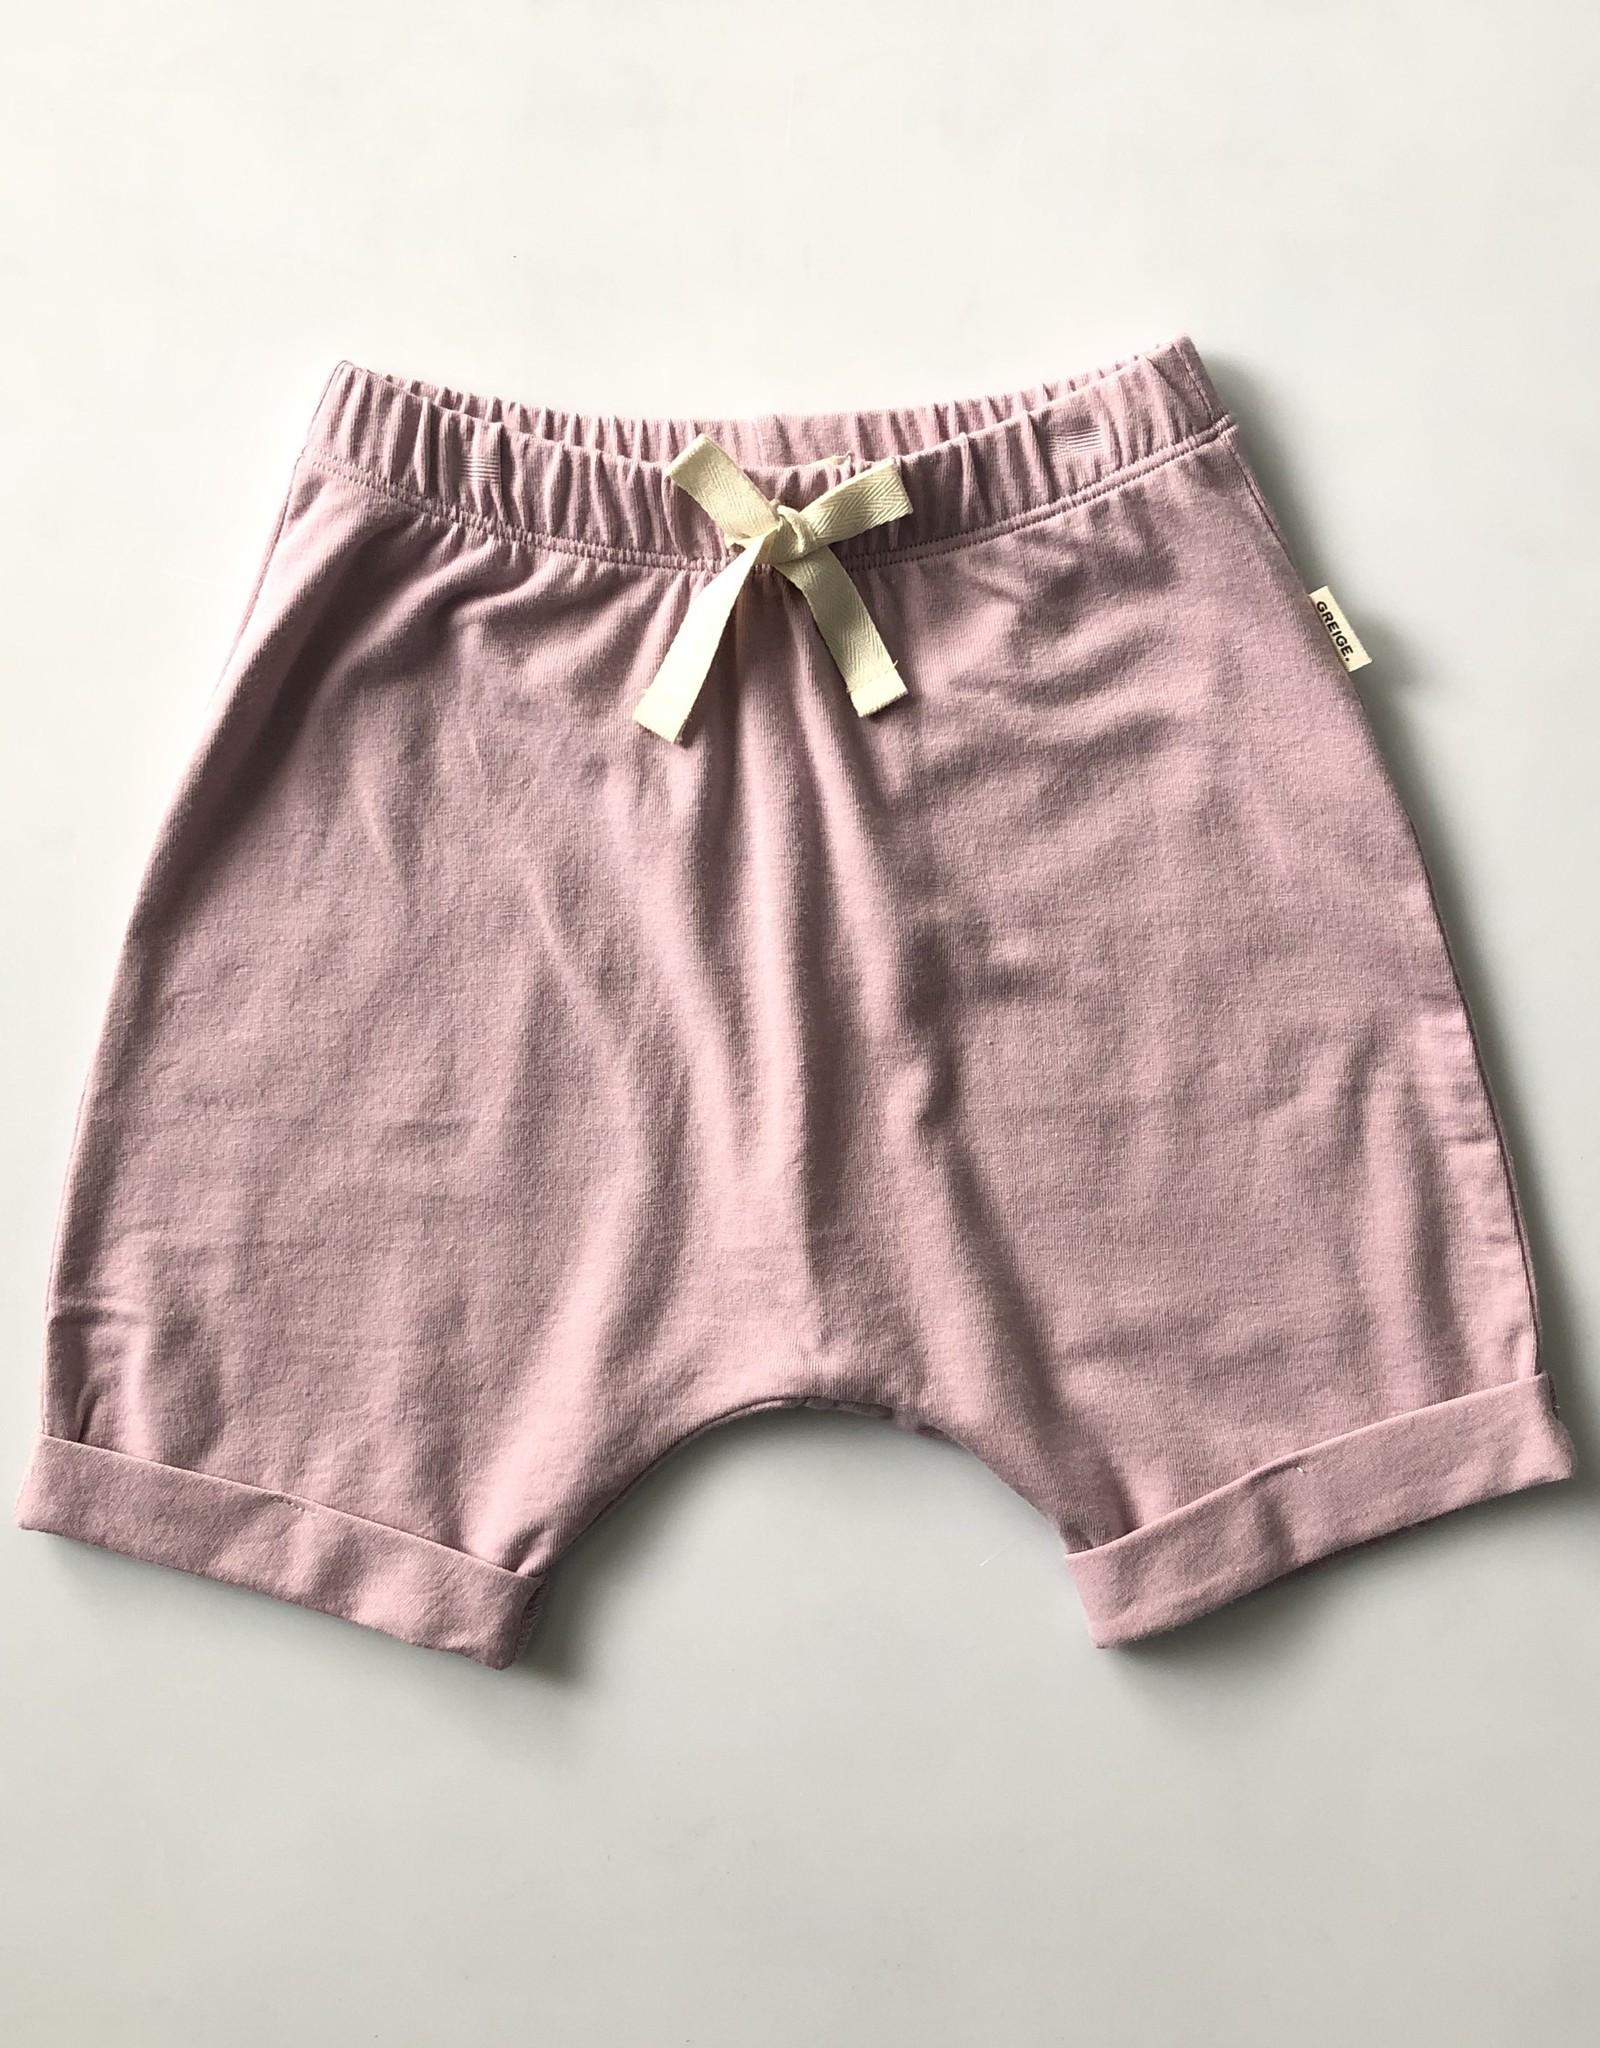 Greige Harem Shorts - Pink